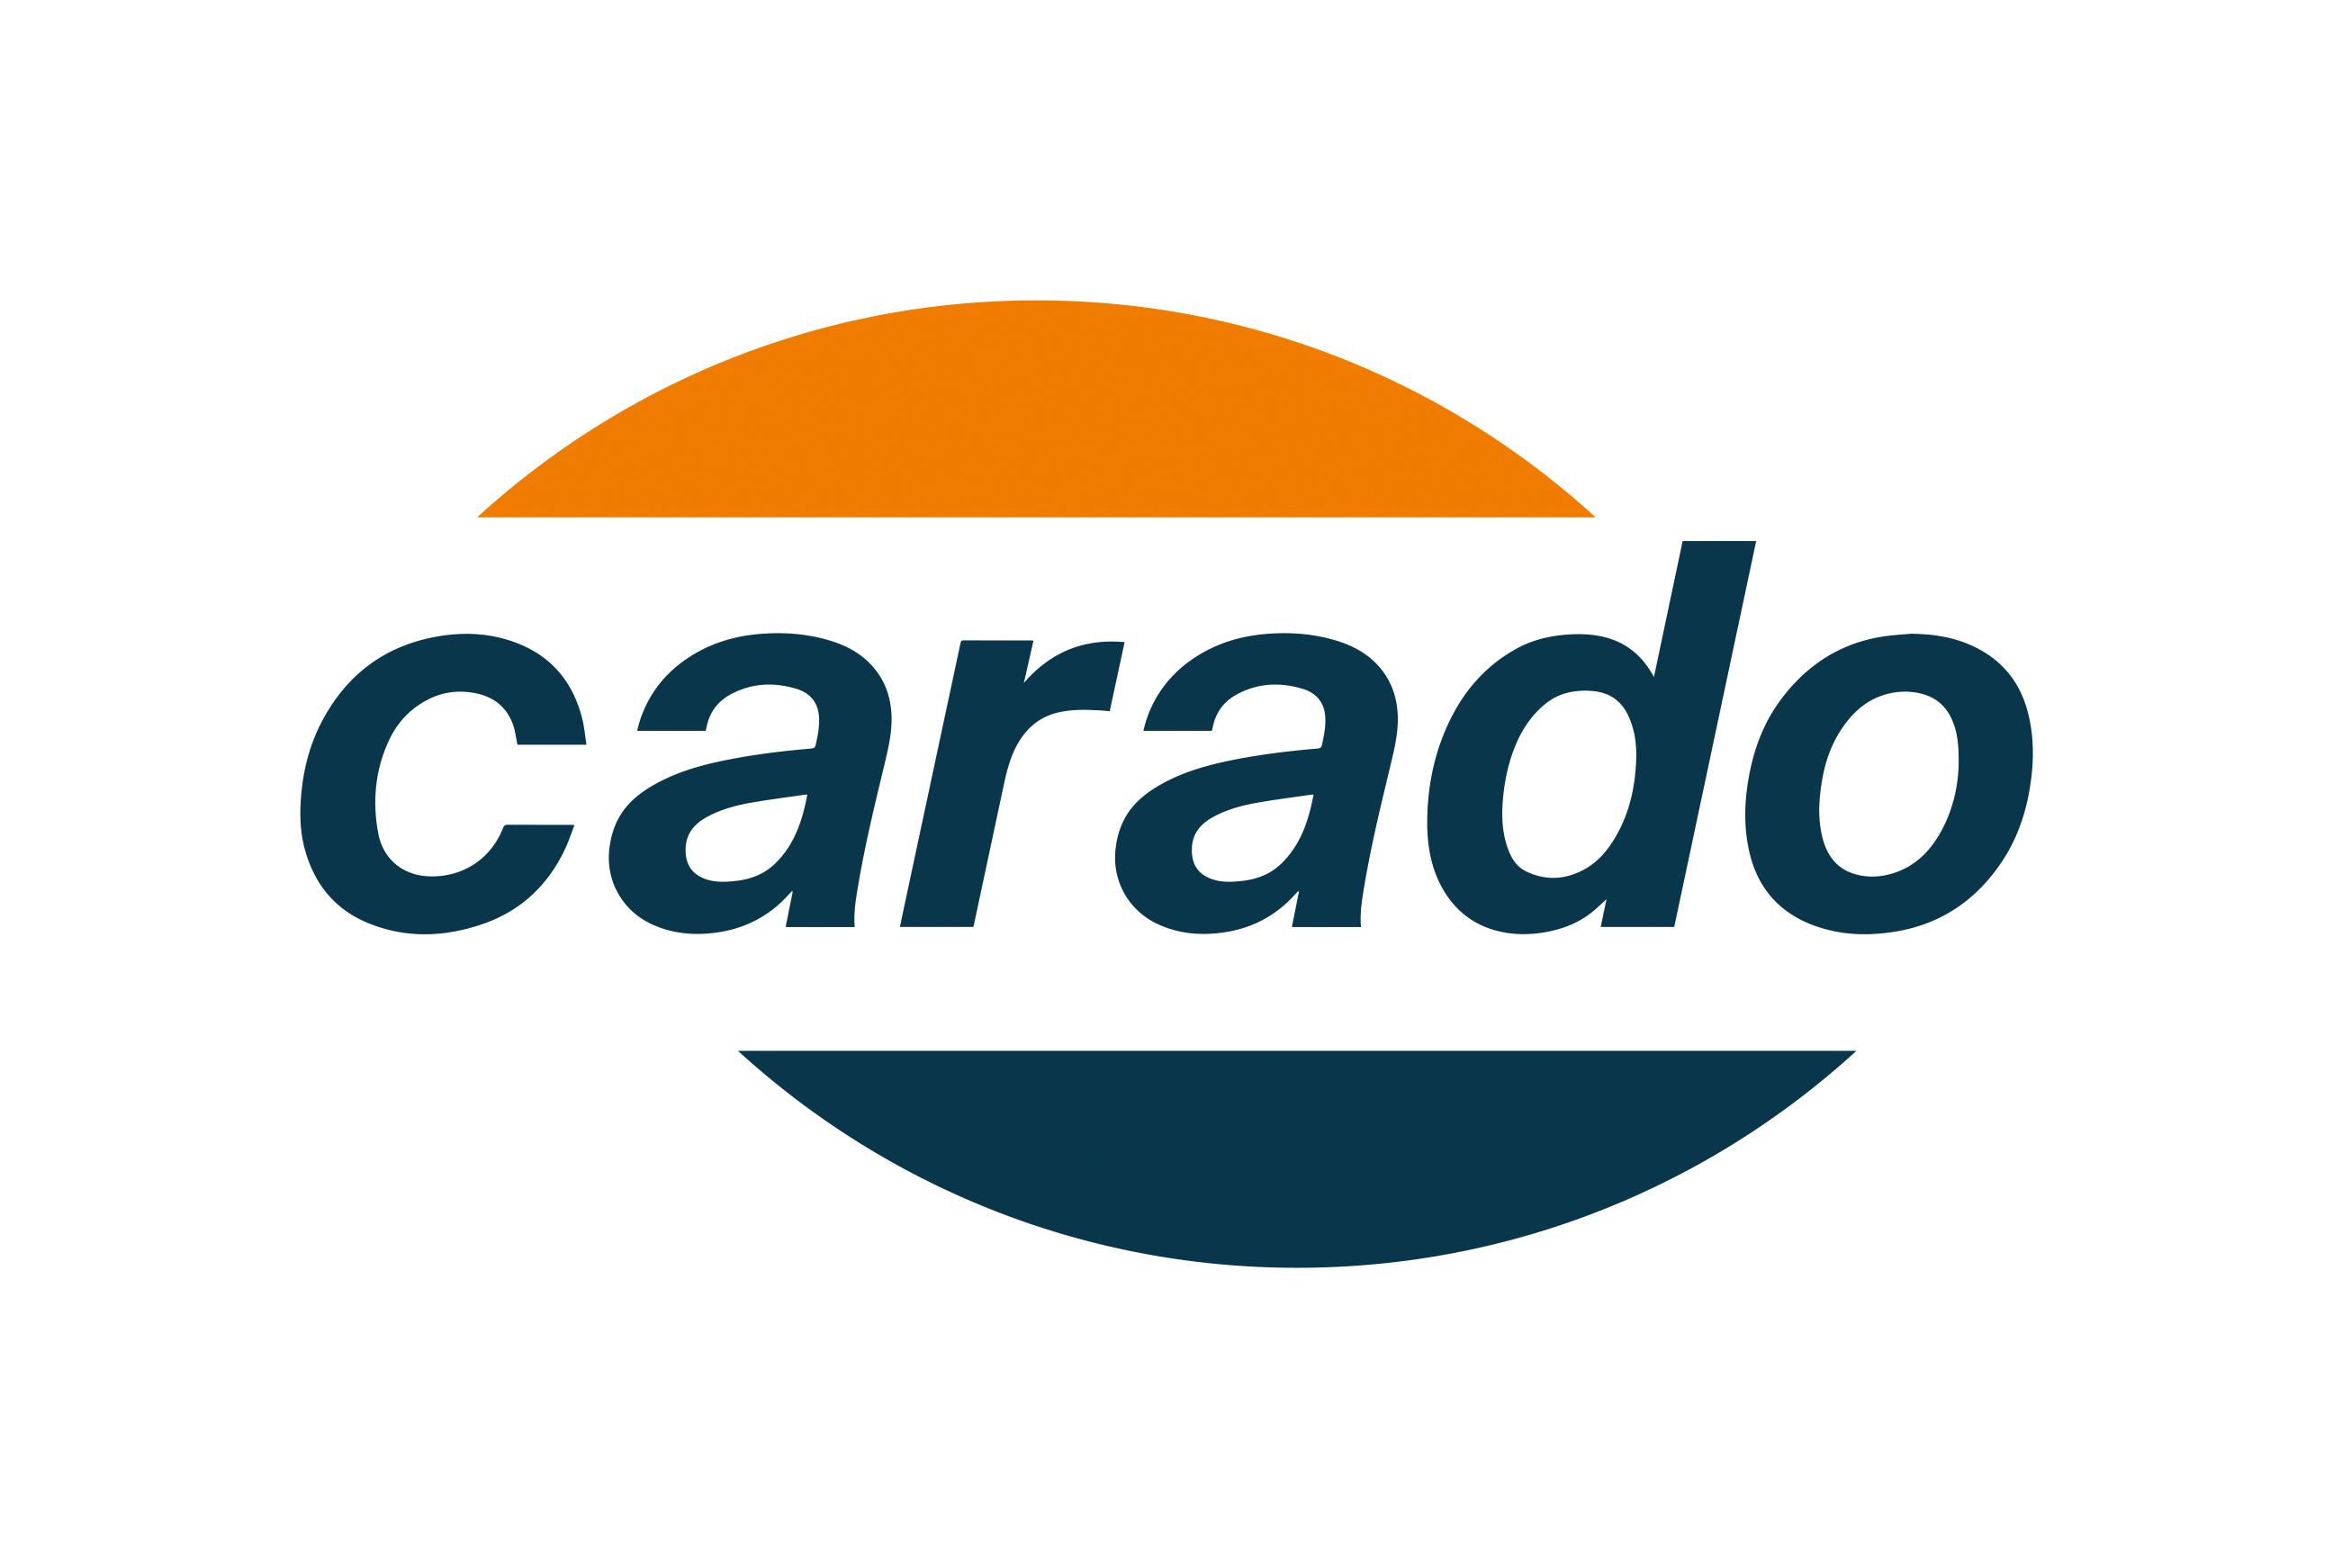 Carado  pièces et accessoires d'origine - Retour à la page d'accueil